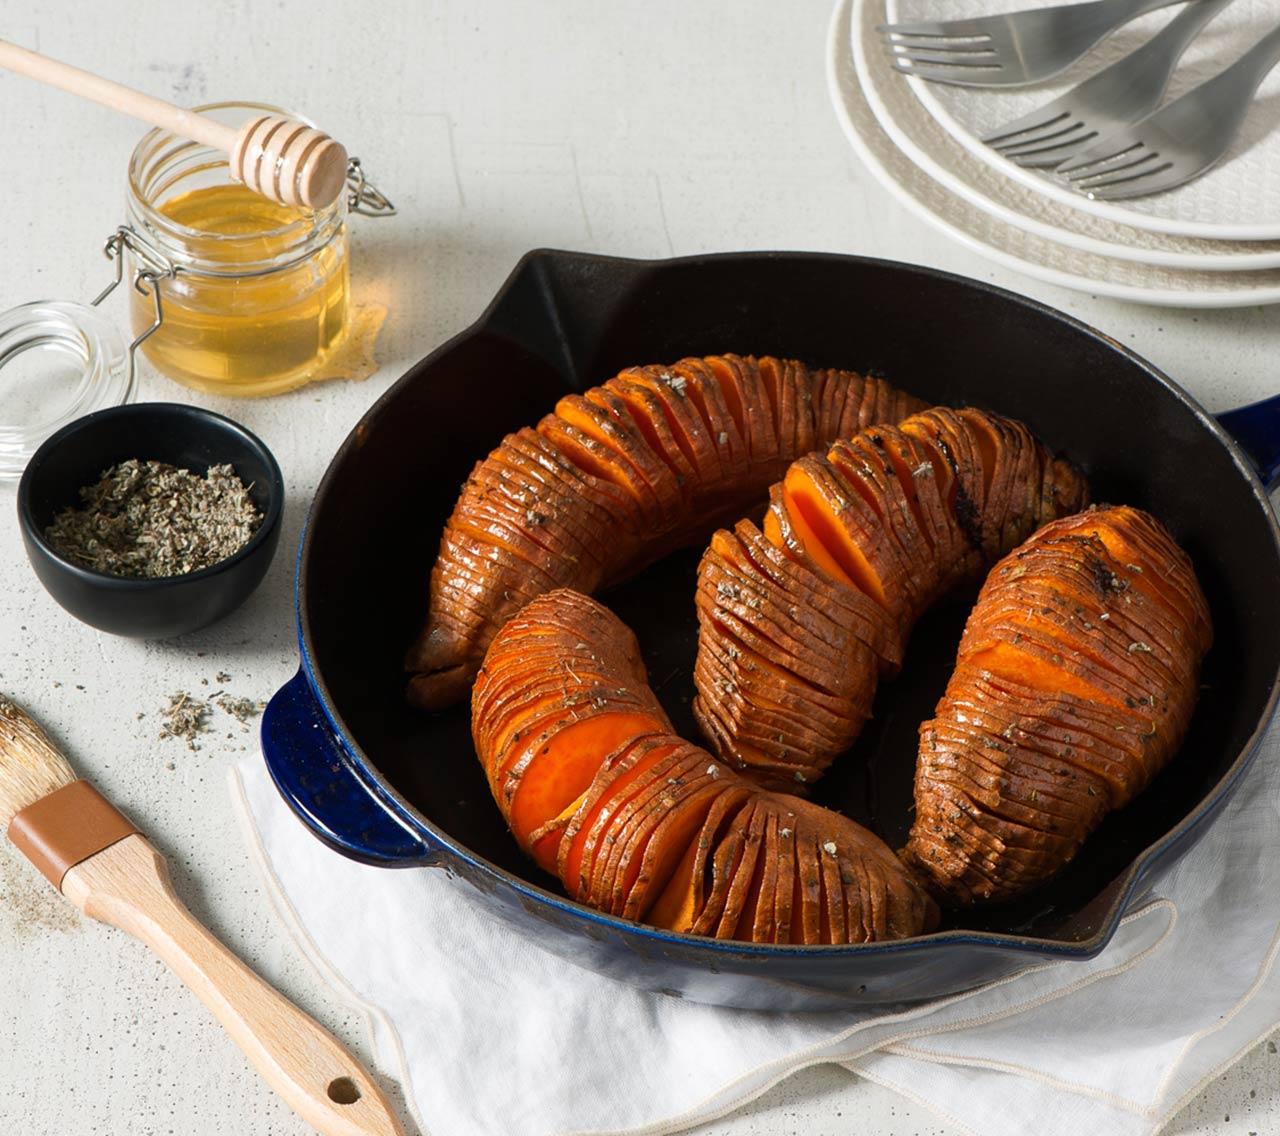 Patates douces sucrées-salées façon Hasselback